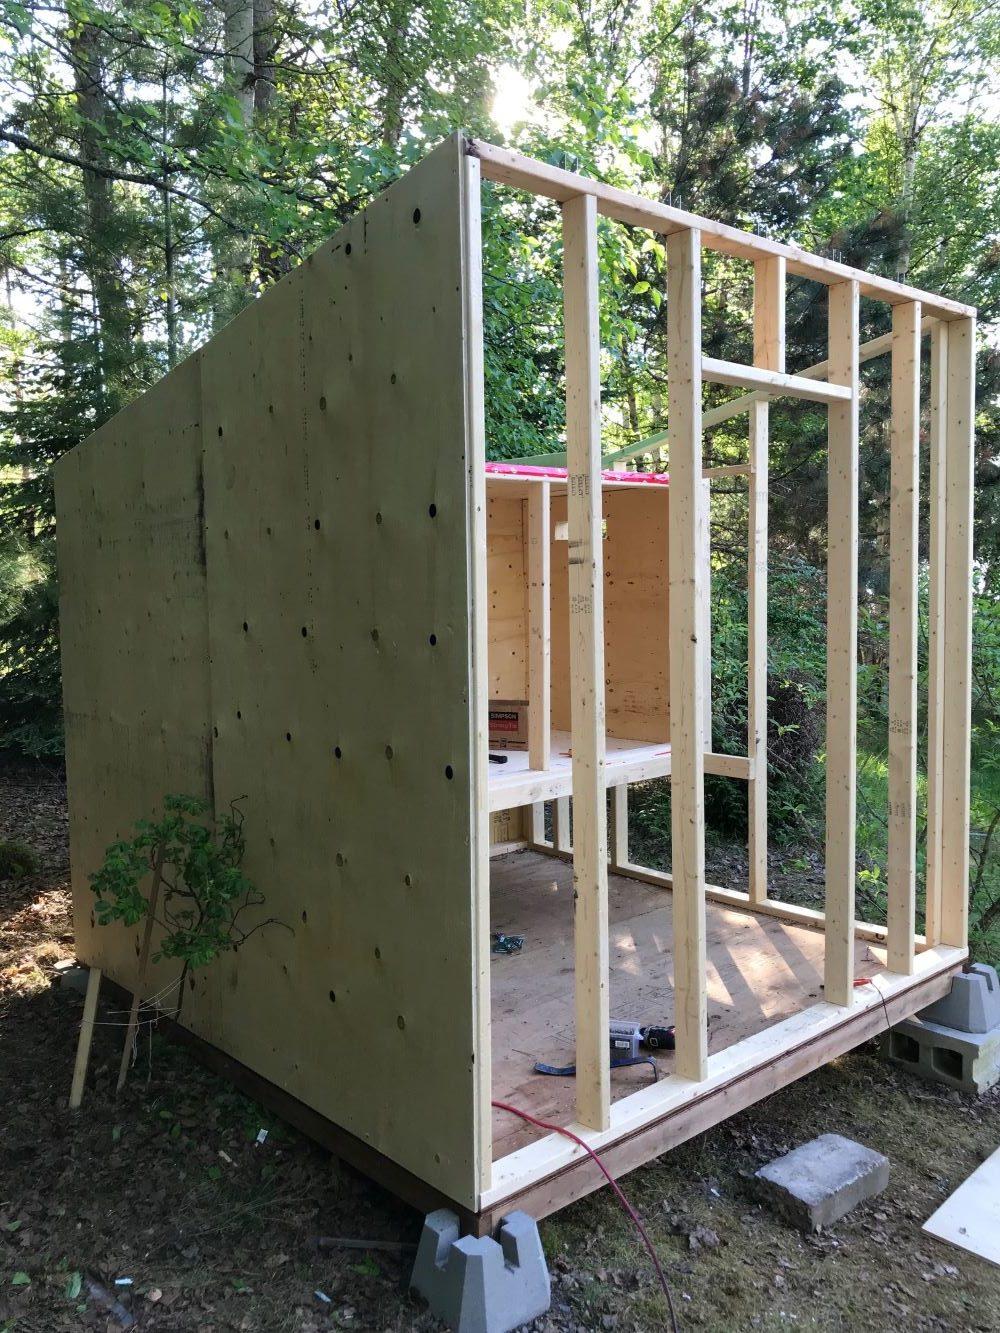 DIY Urban Chicken Coop Design